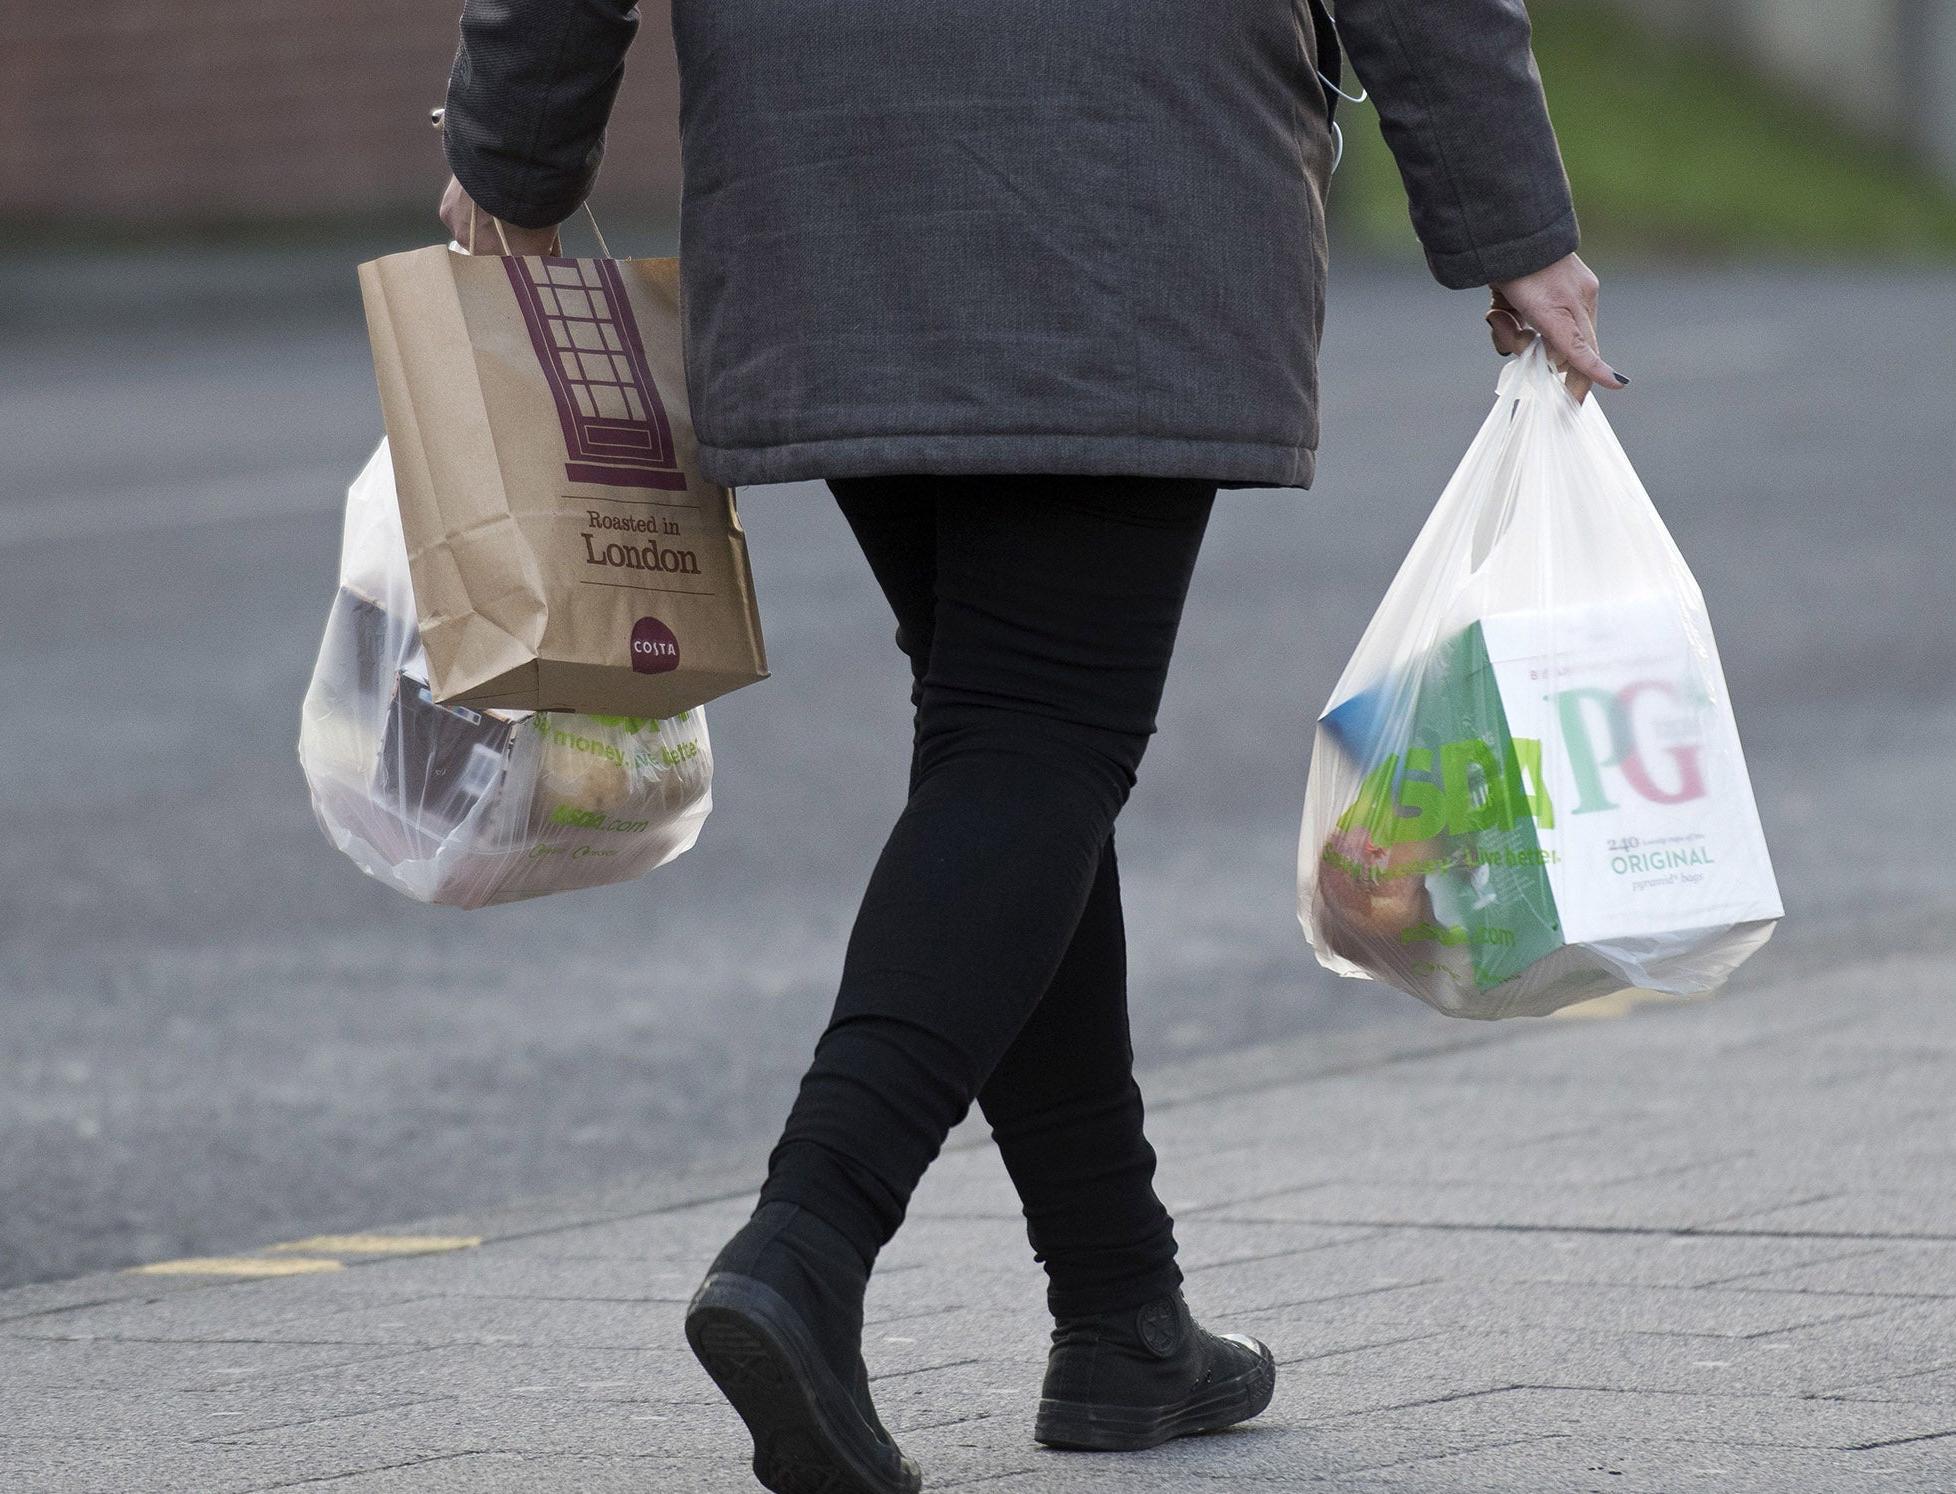 ВЦИОМ: 85% россиян готовы отказаться от пластиковых пакетов